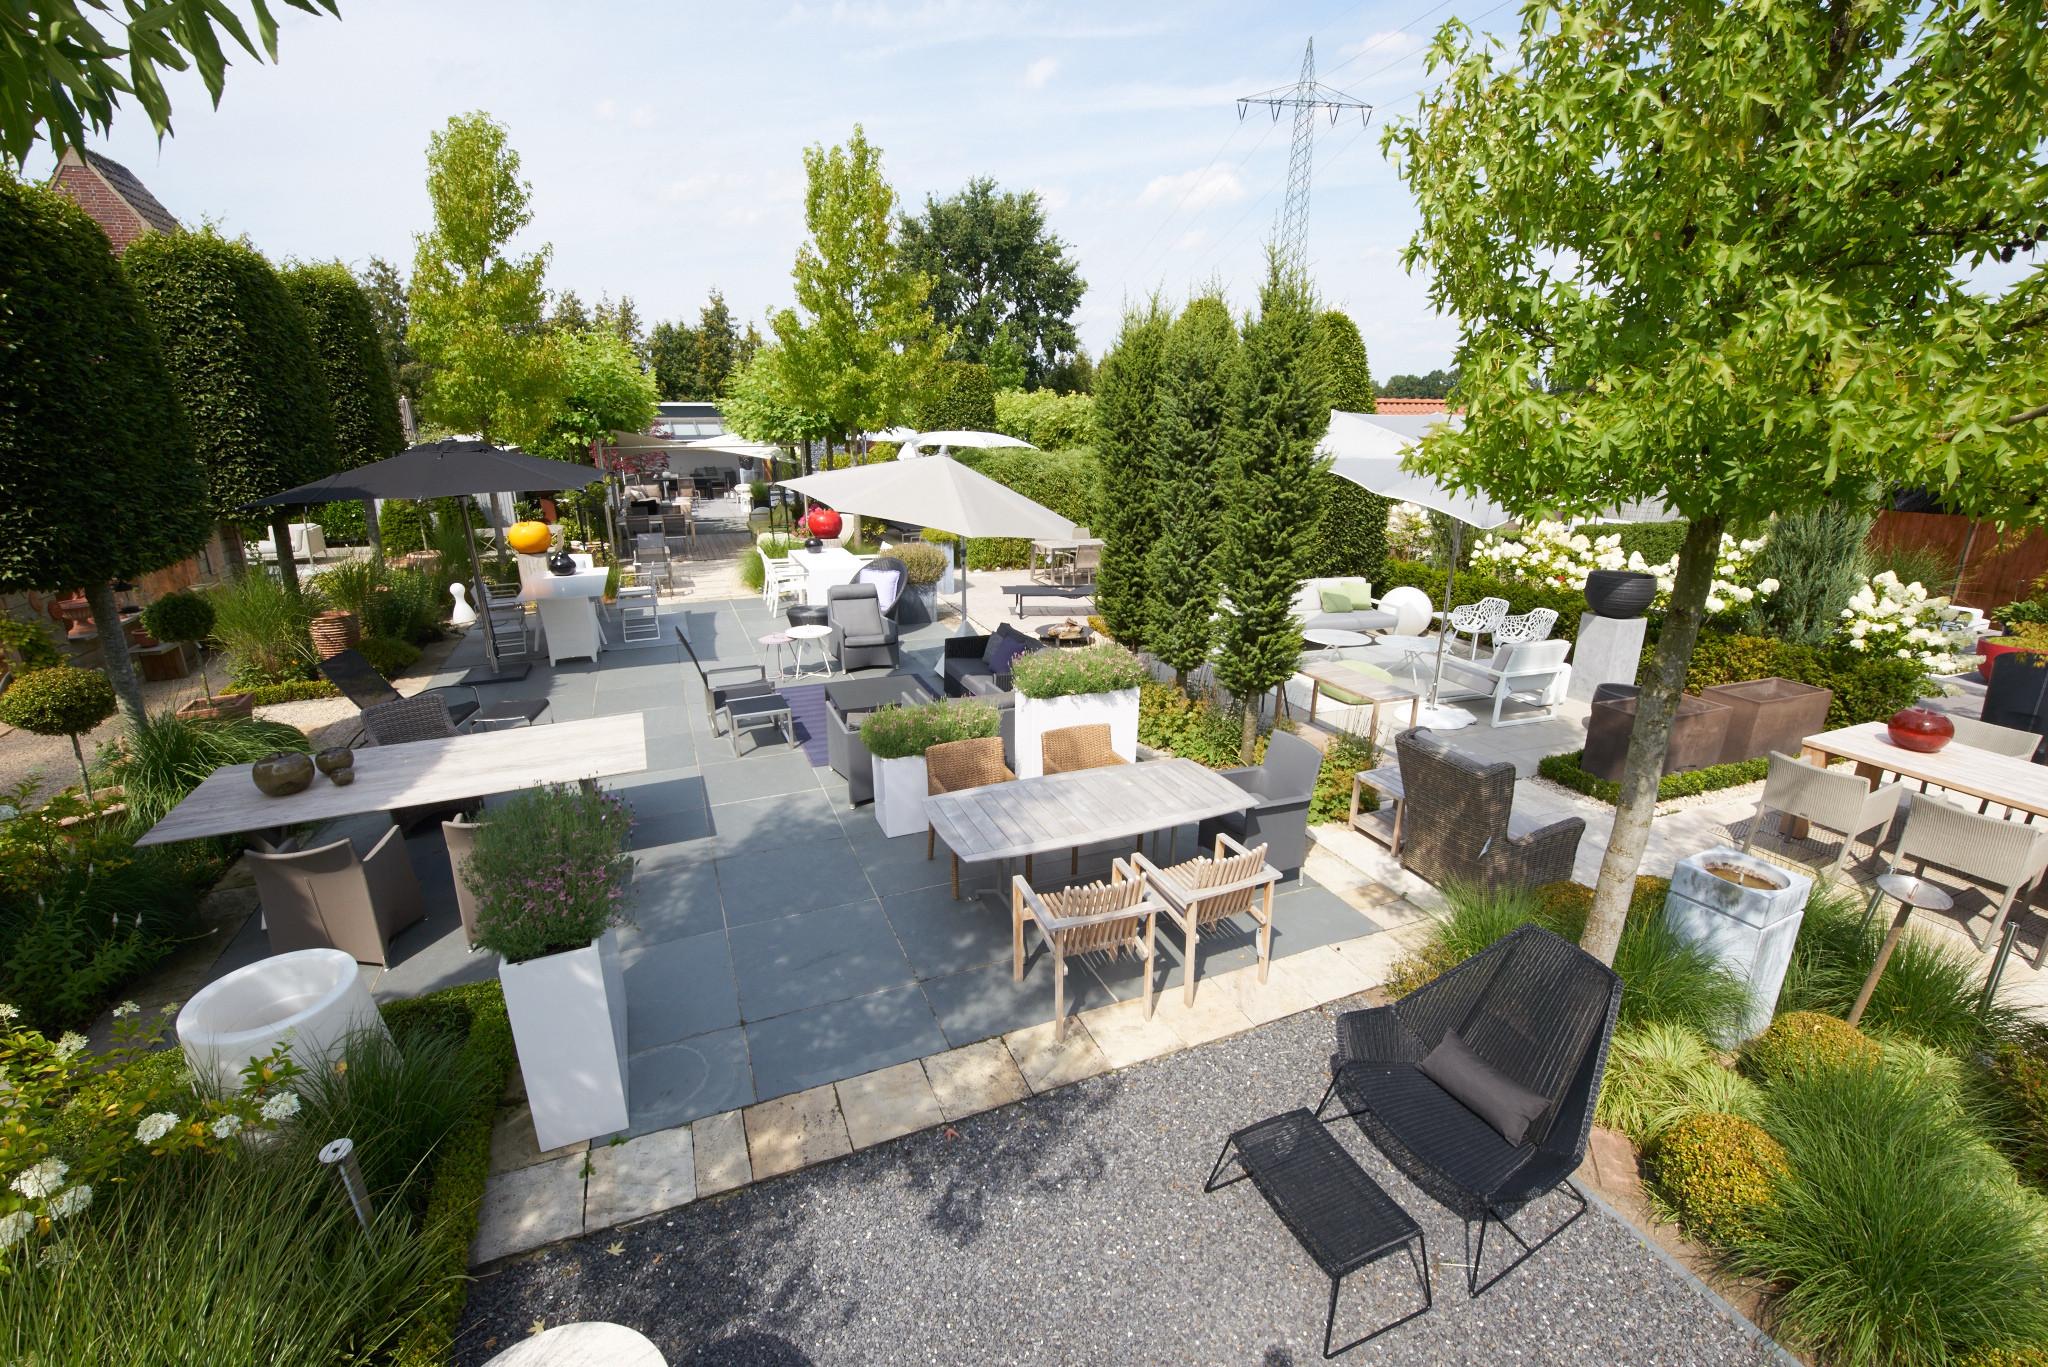 Garten-wohnen-010,huge.1440146805